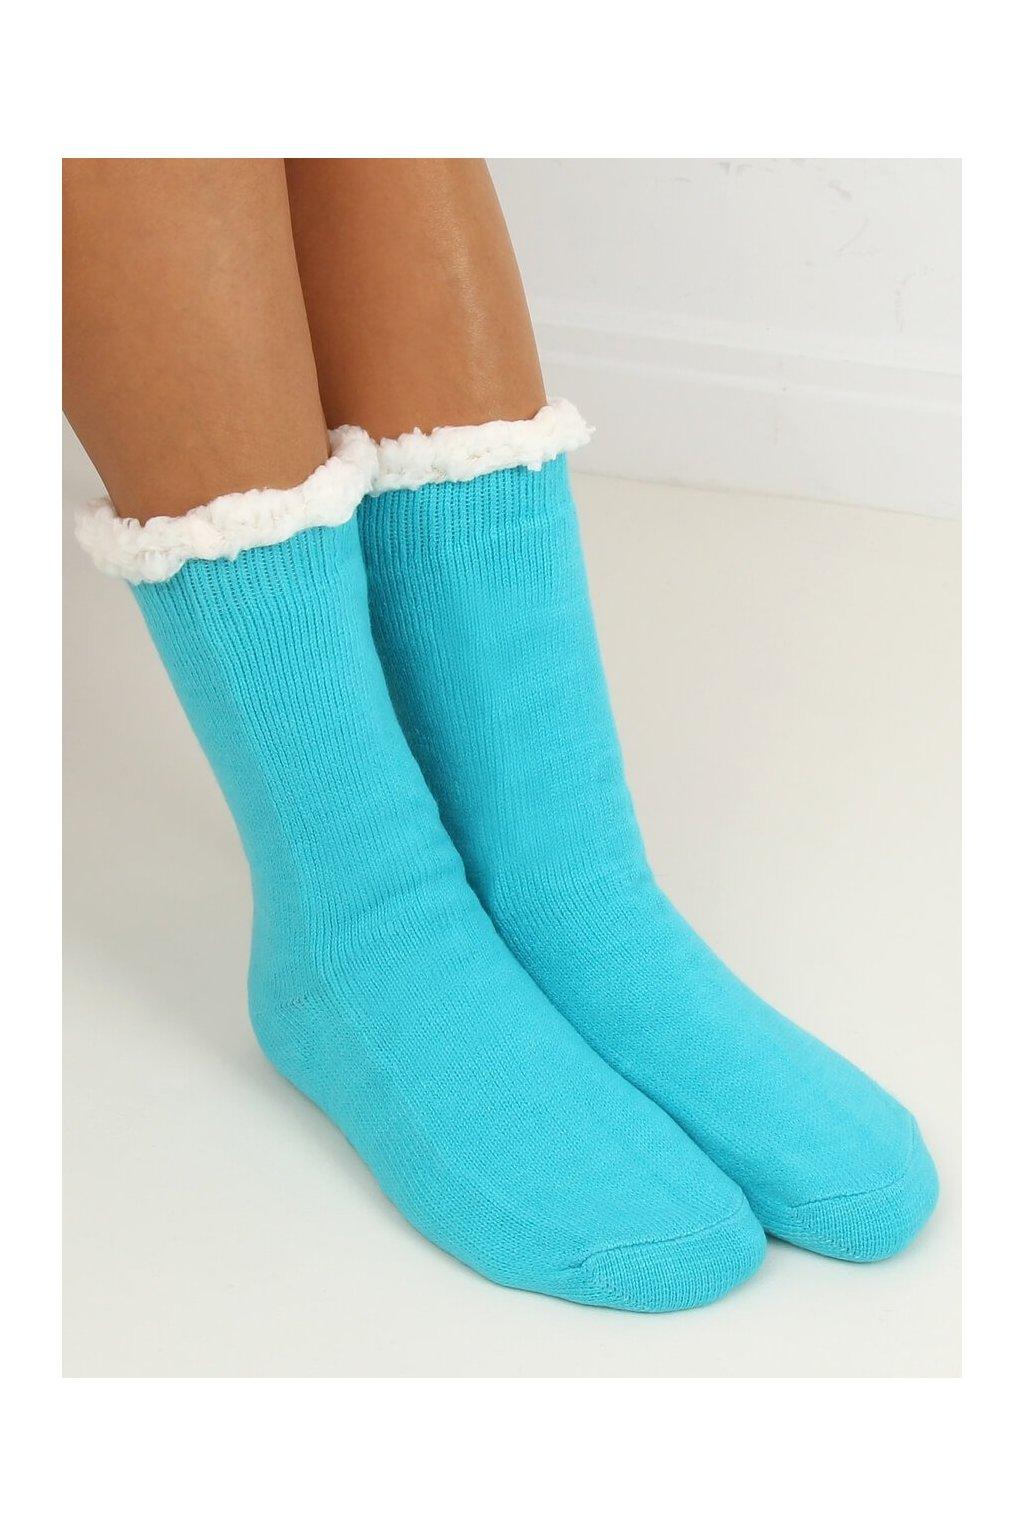 Damske ponožky modré DN012